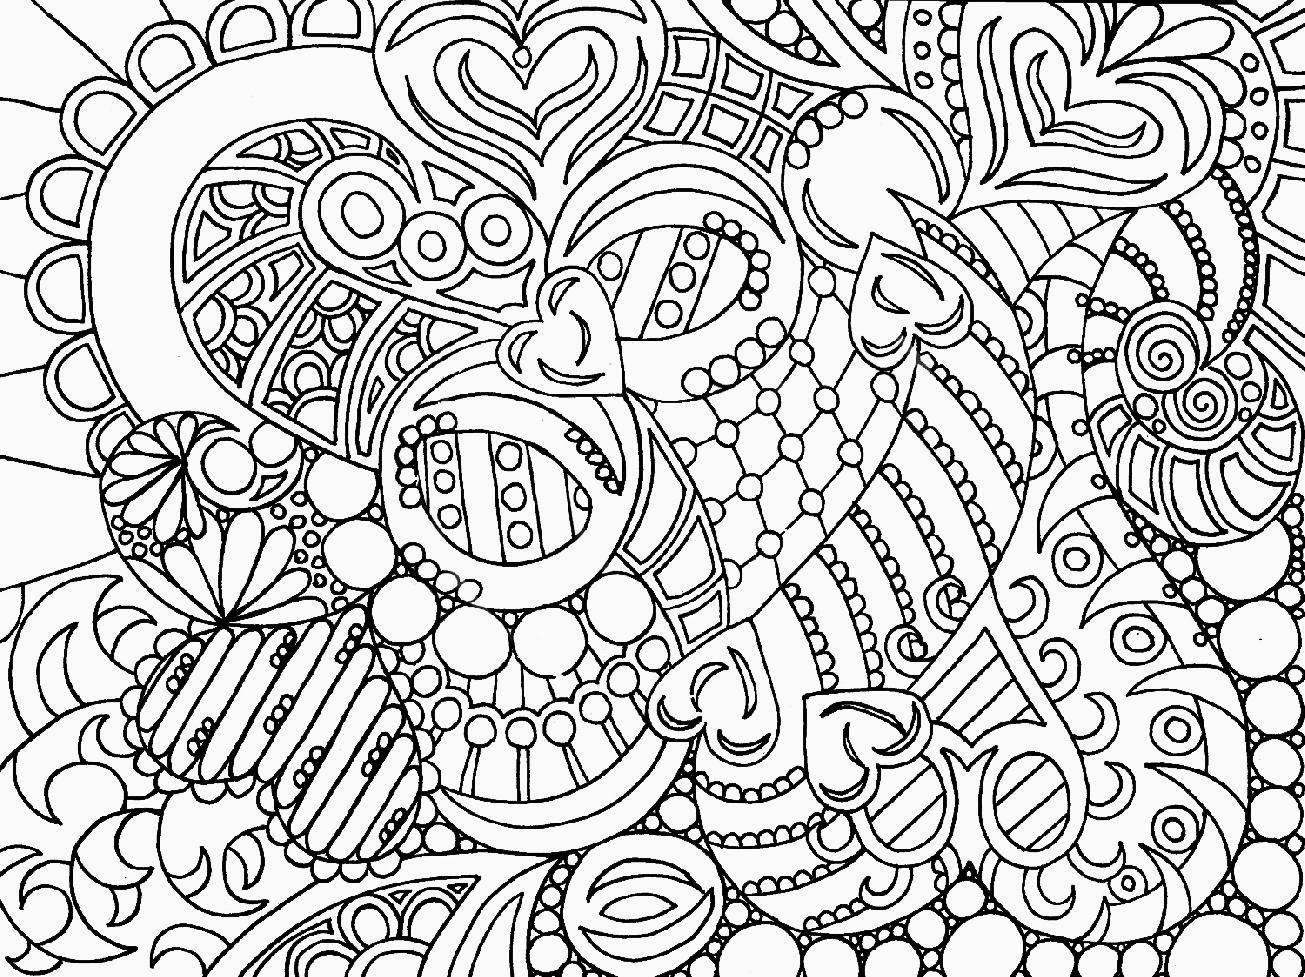 large coloring pages imprime le dessin à colorier de clifford le gros chien rouge large pages coloring